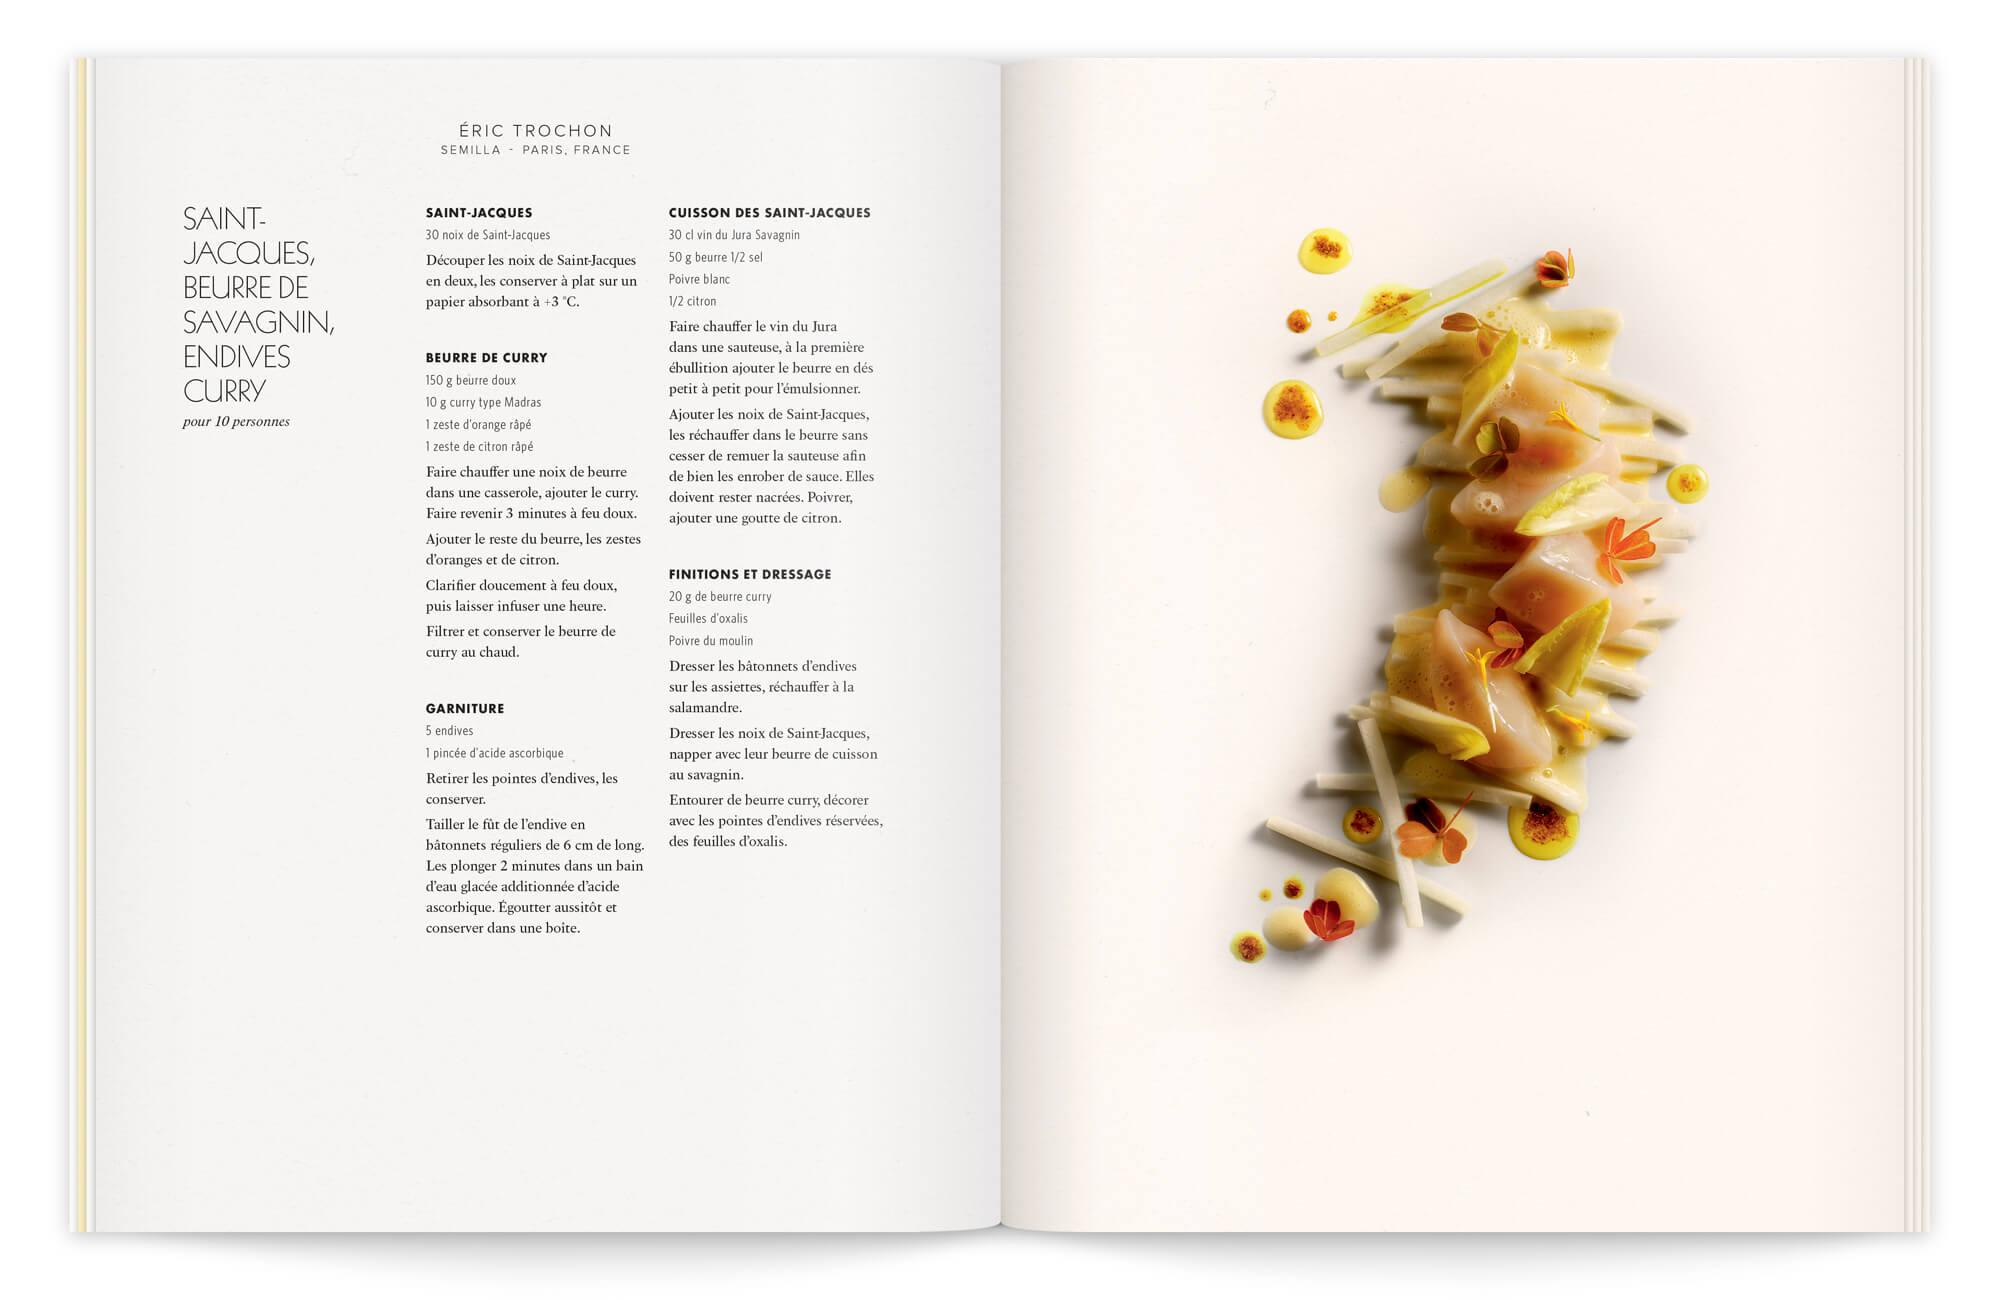 Une recette d'éric trochon mise en valeur par le photographe Peter Lippmann, sous la direction artistique d'Helena Ichbiah